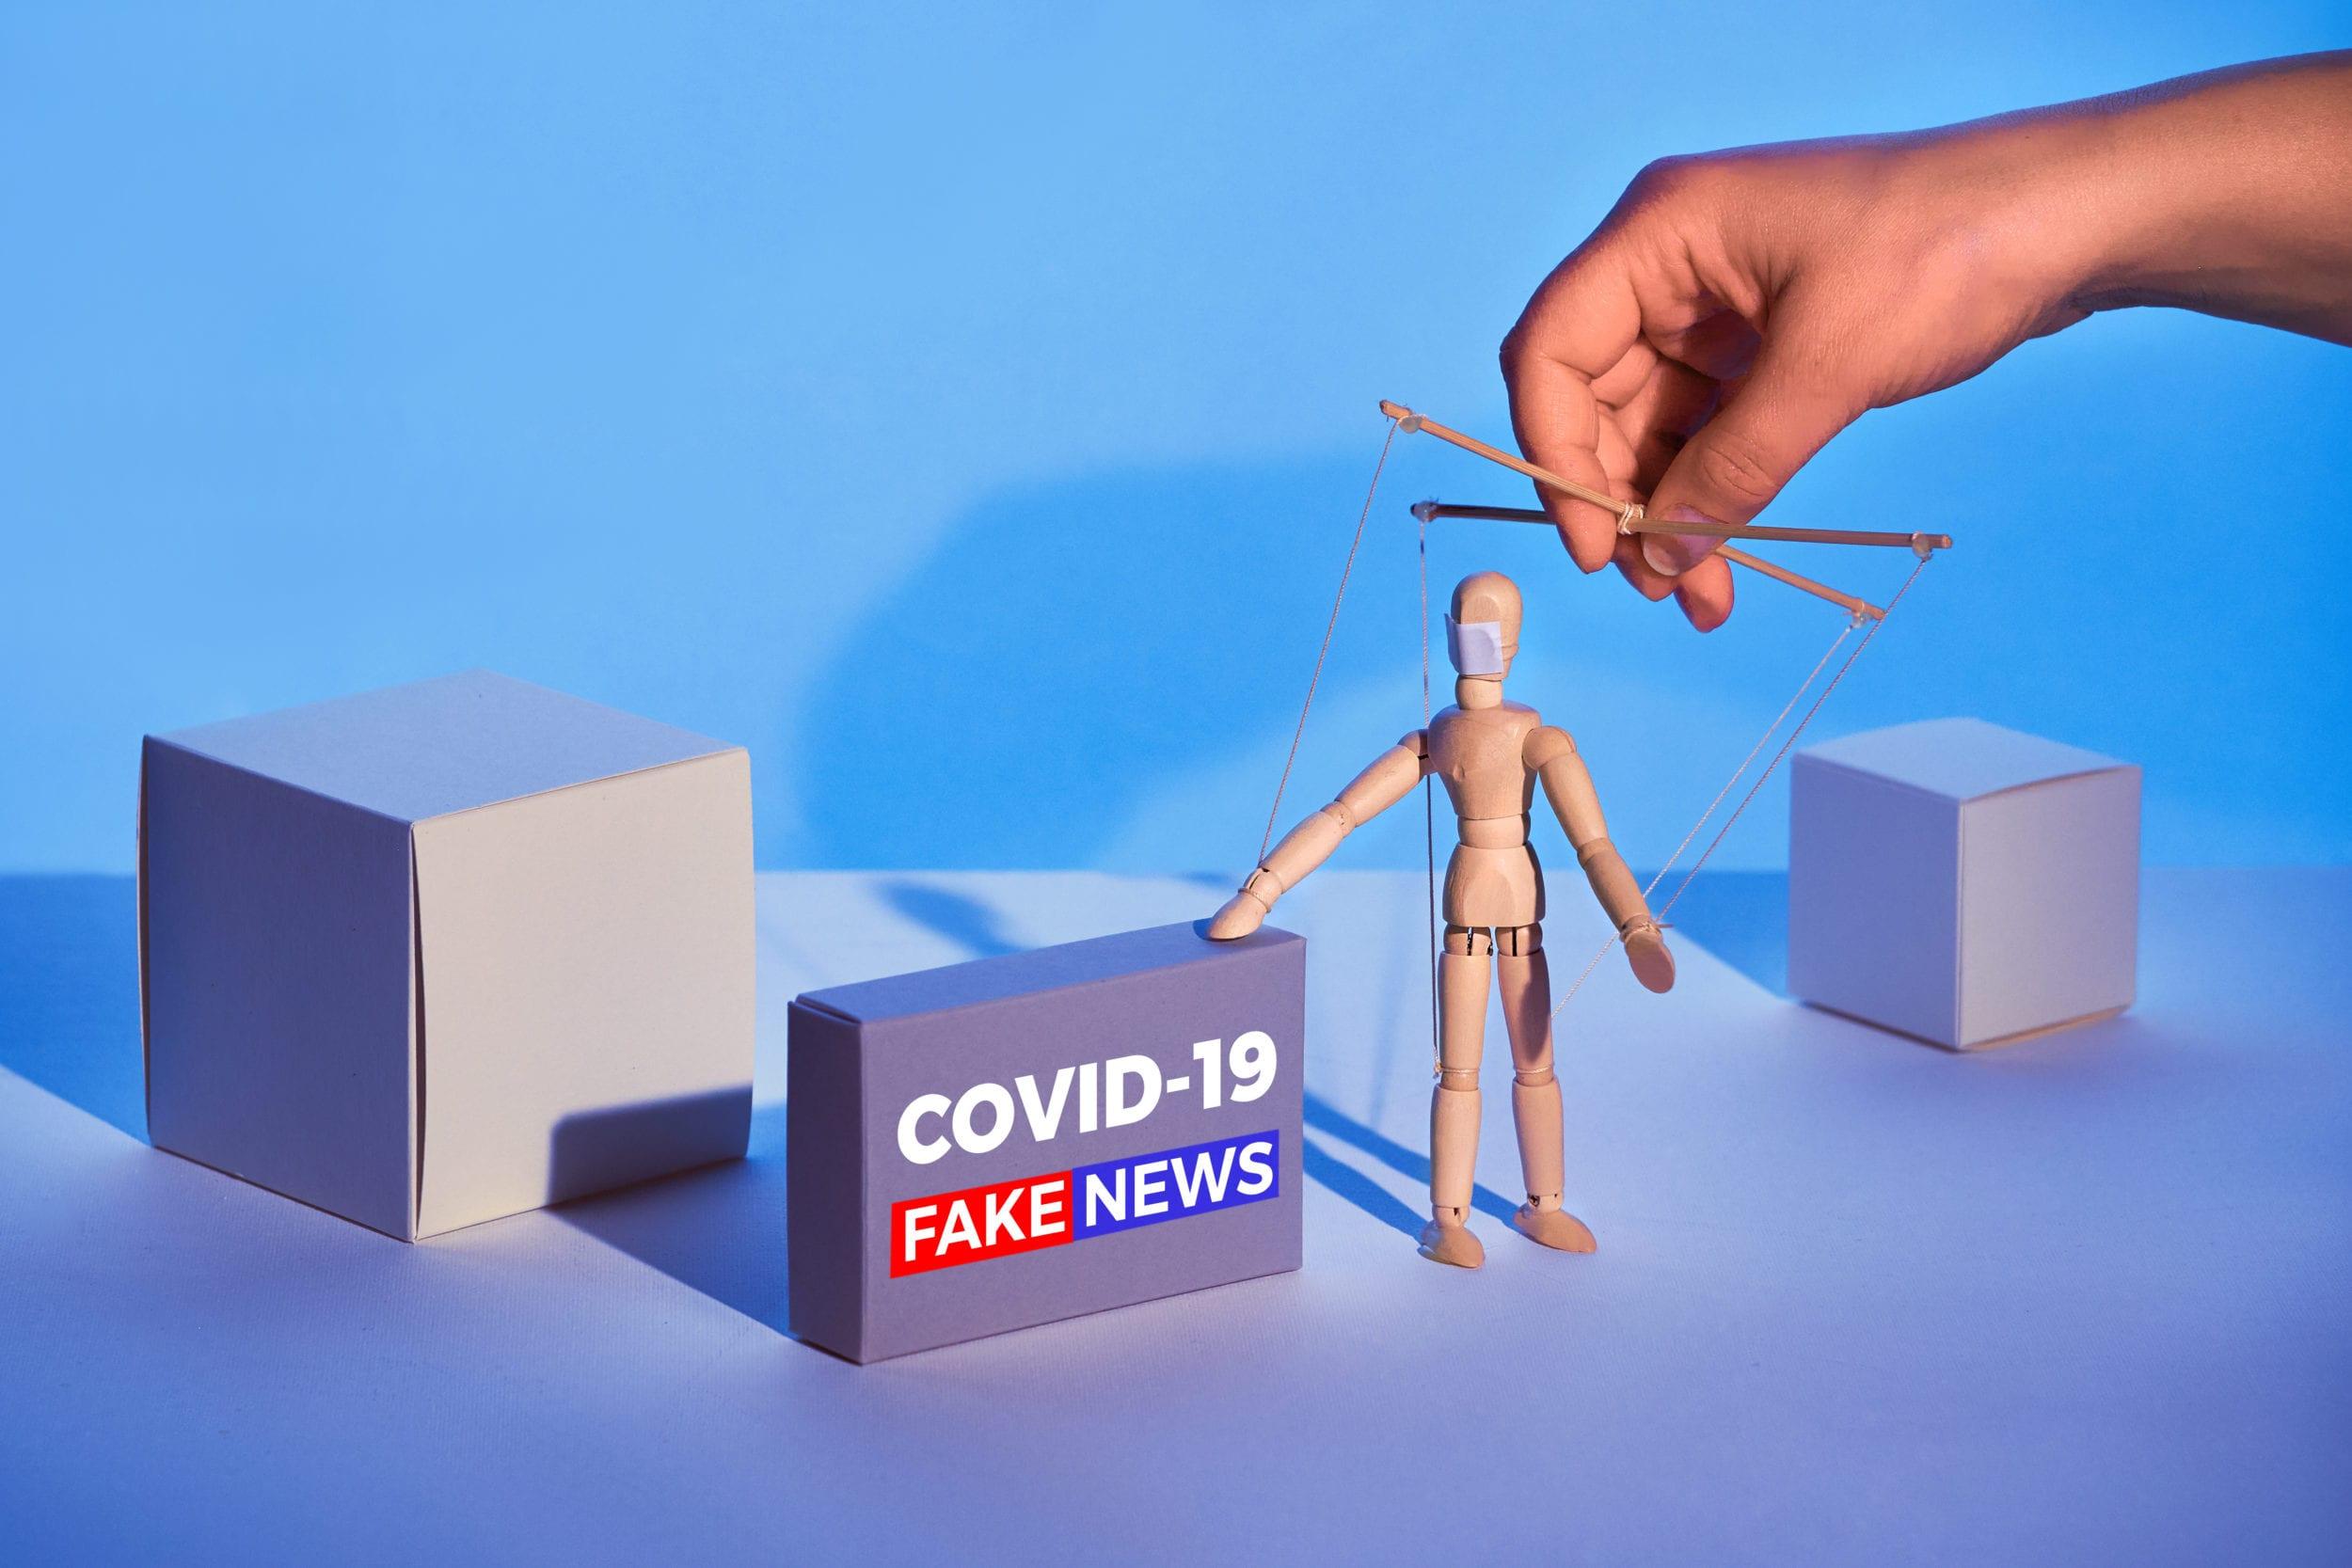 coronavirus fake